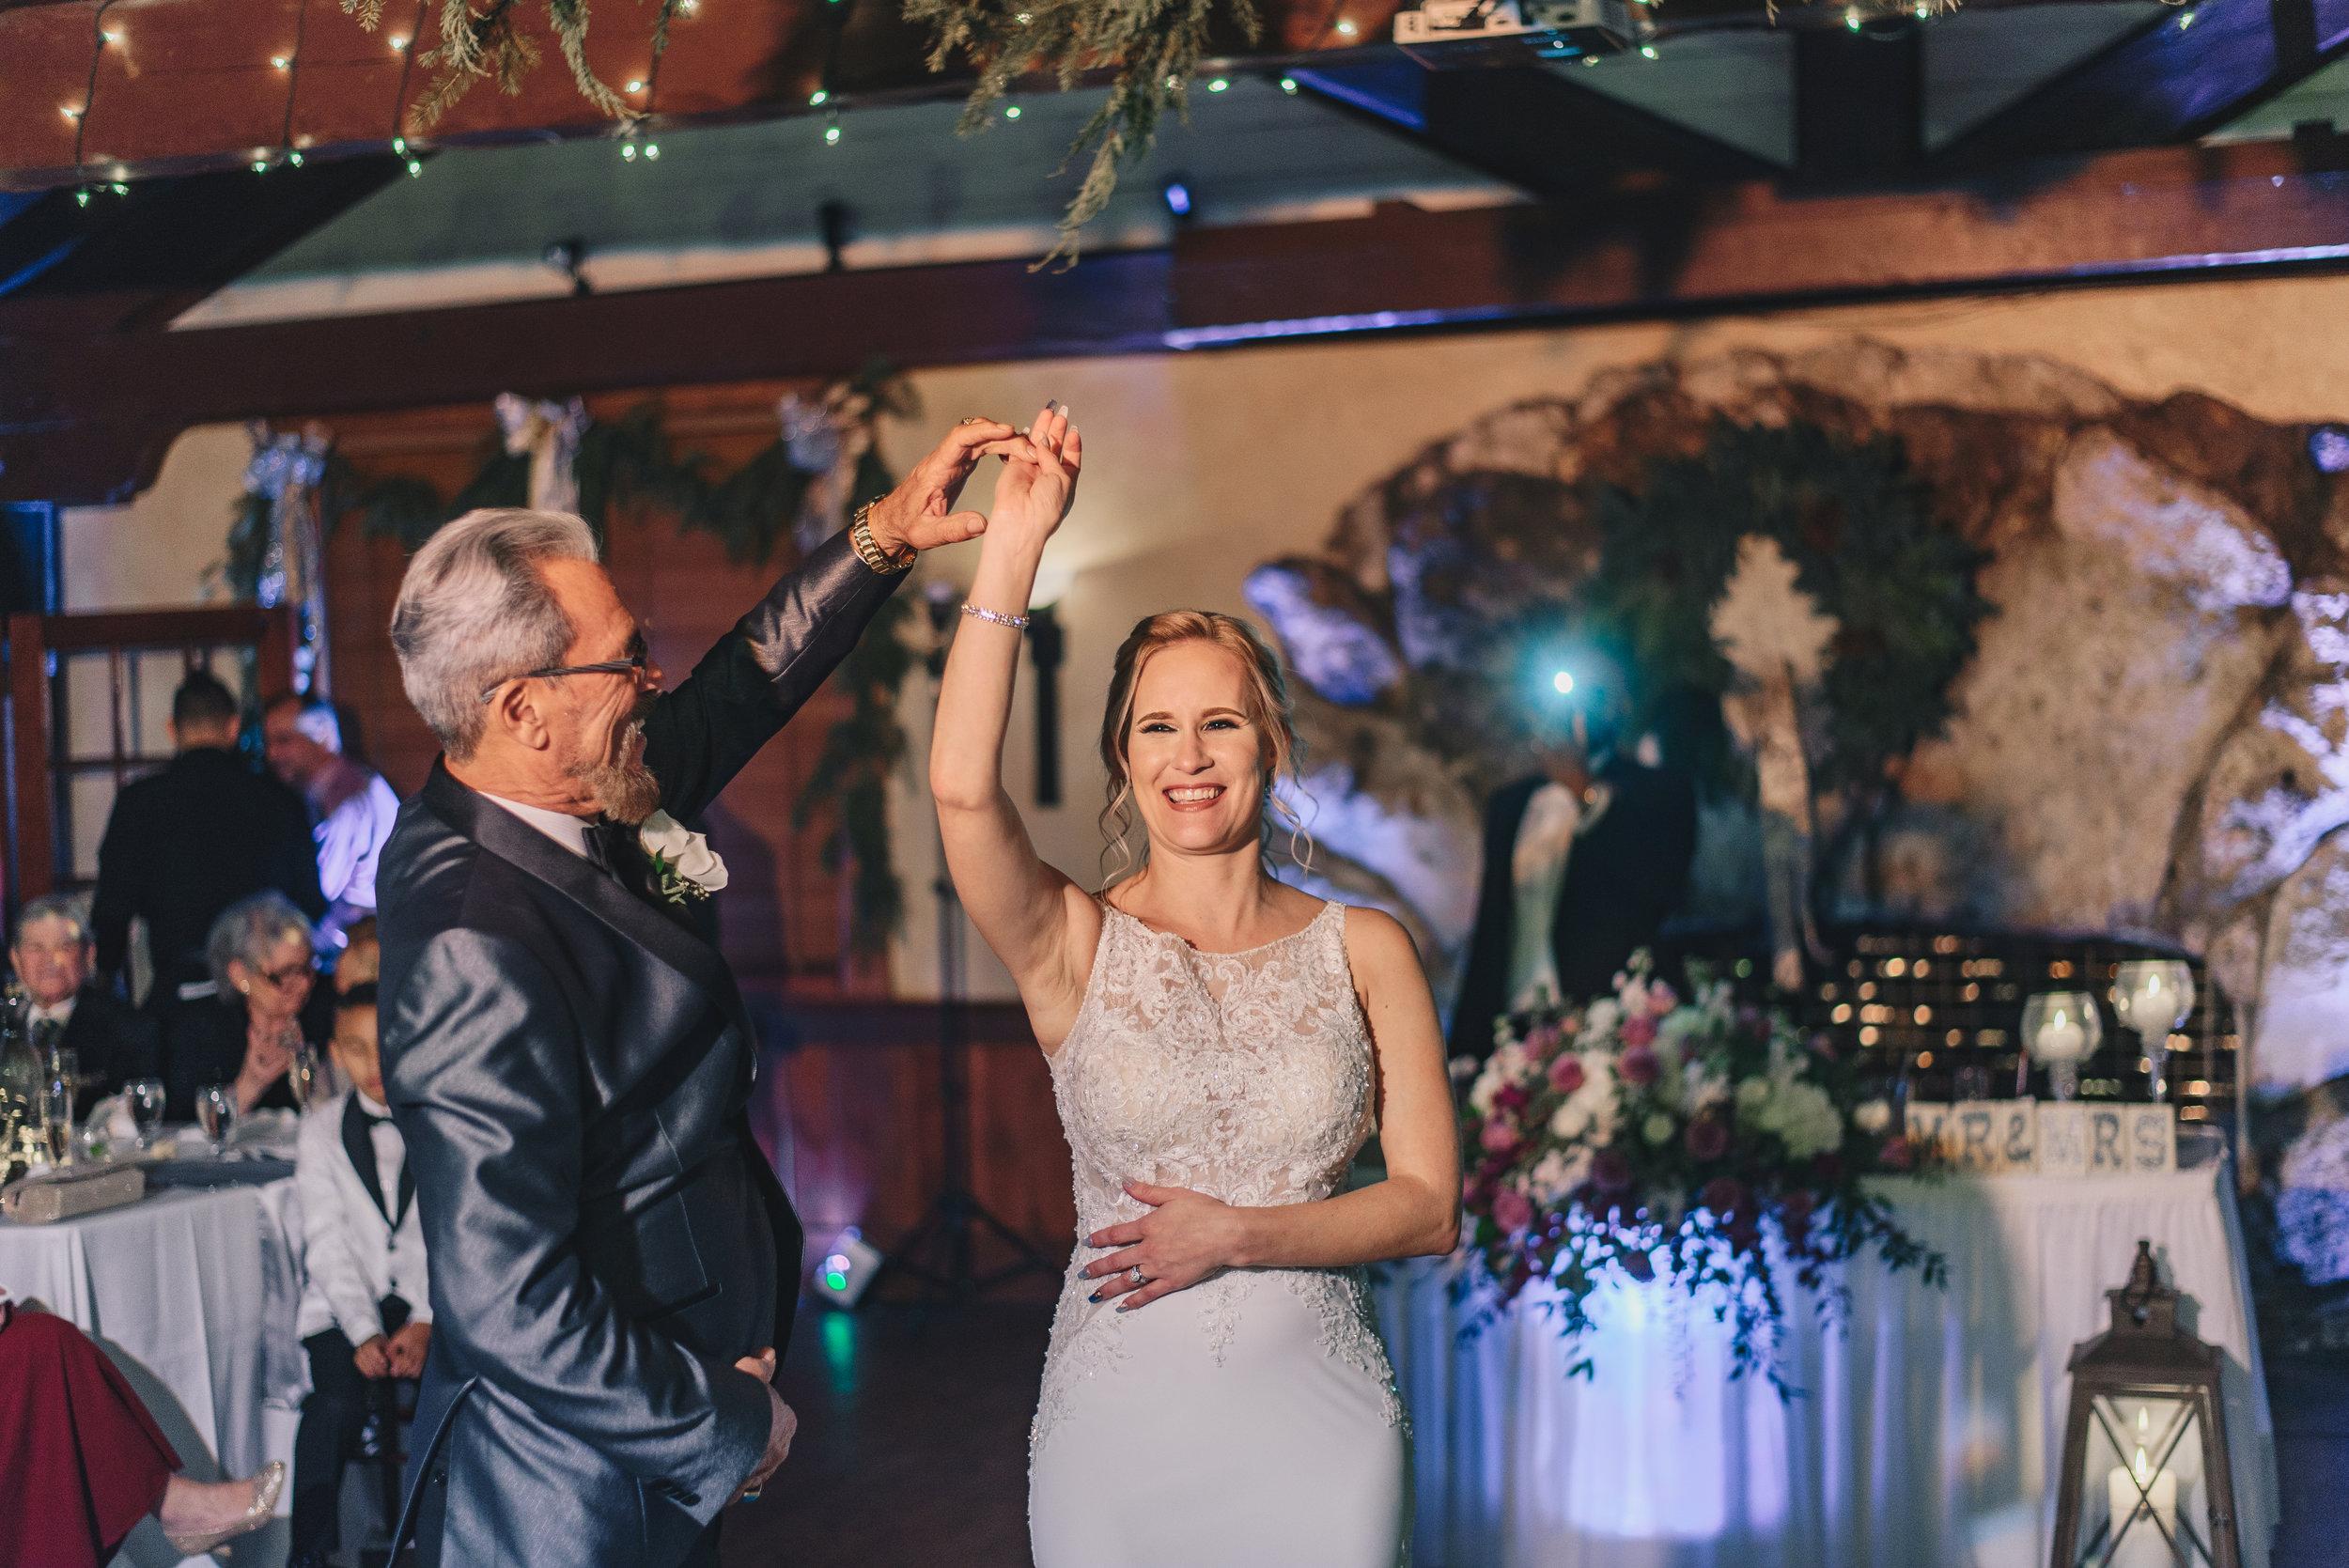 Los-Vargas-Photo-Wedding-Historic-Dubsdread-Ballroom-9237.jpg